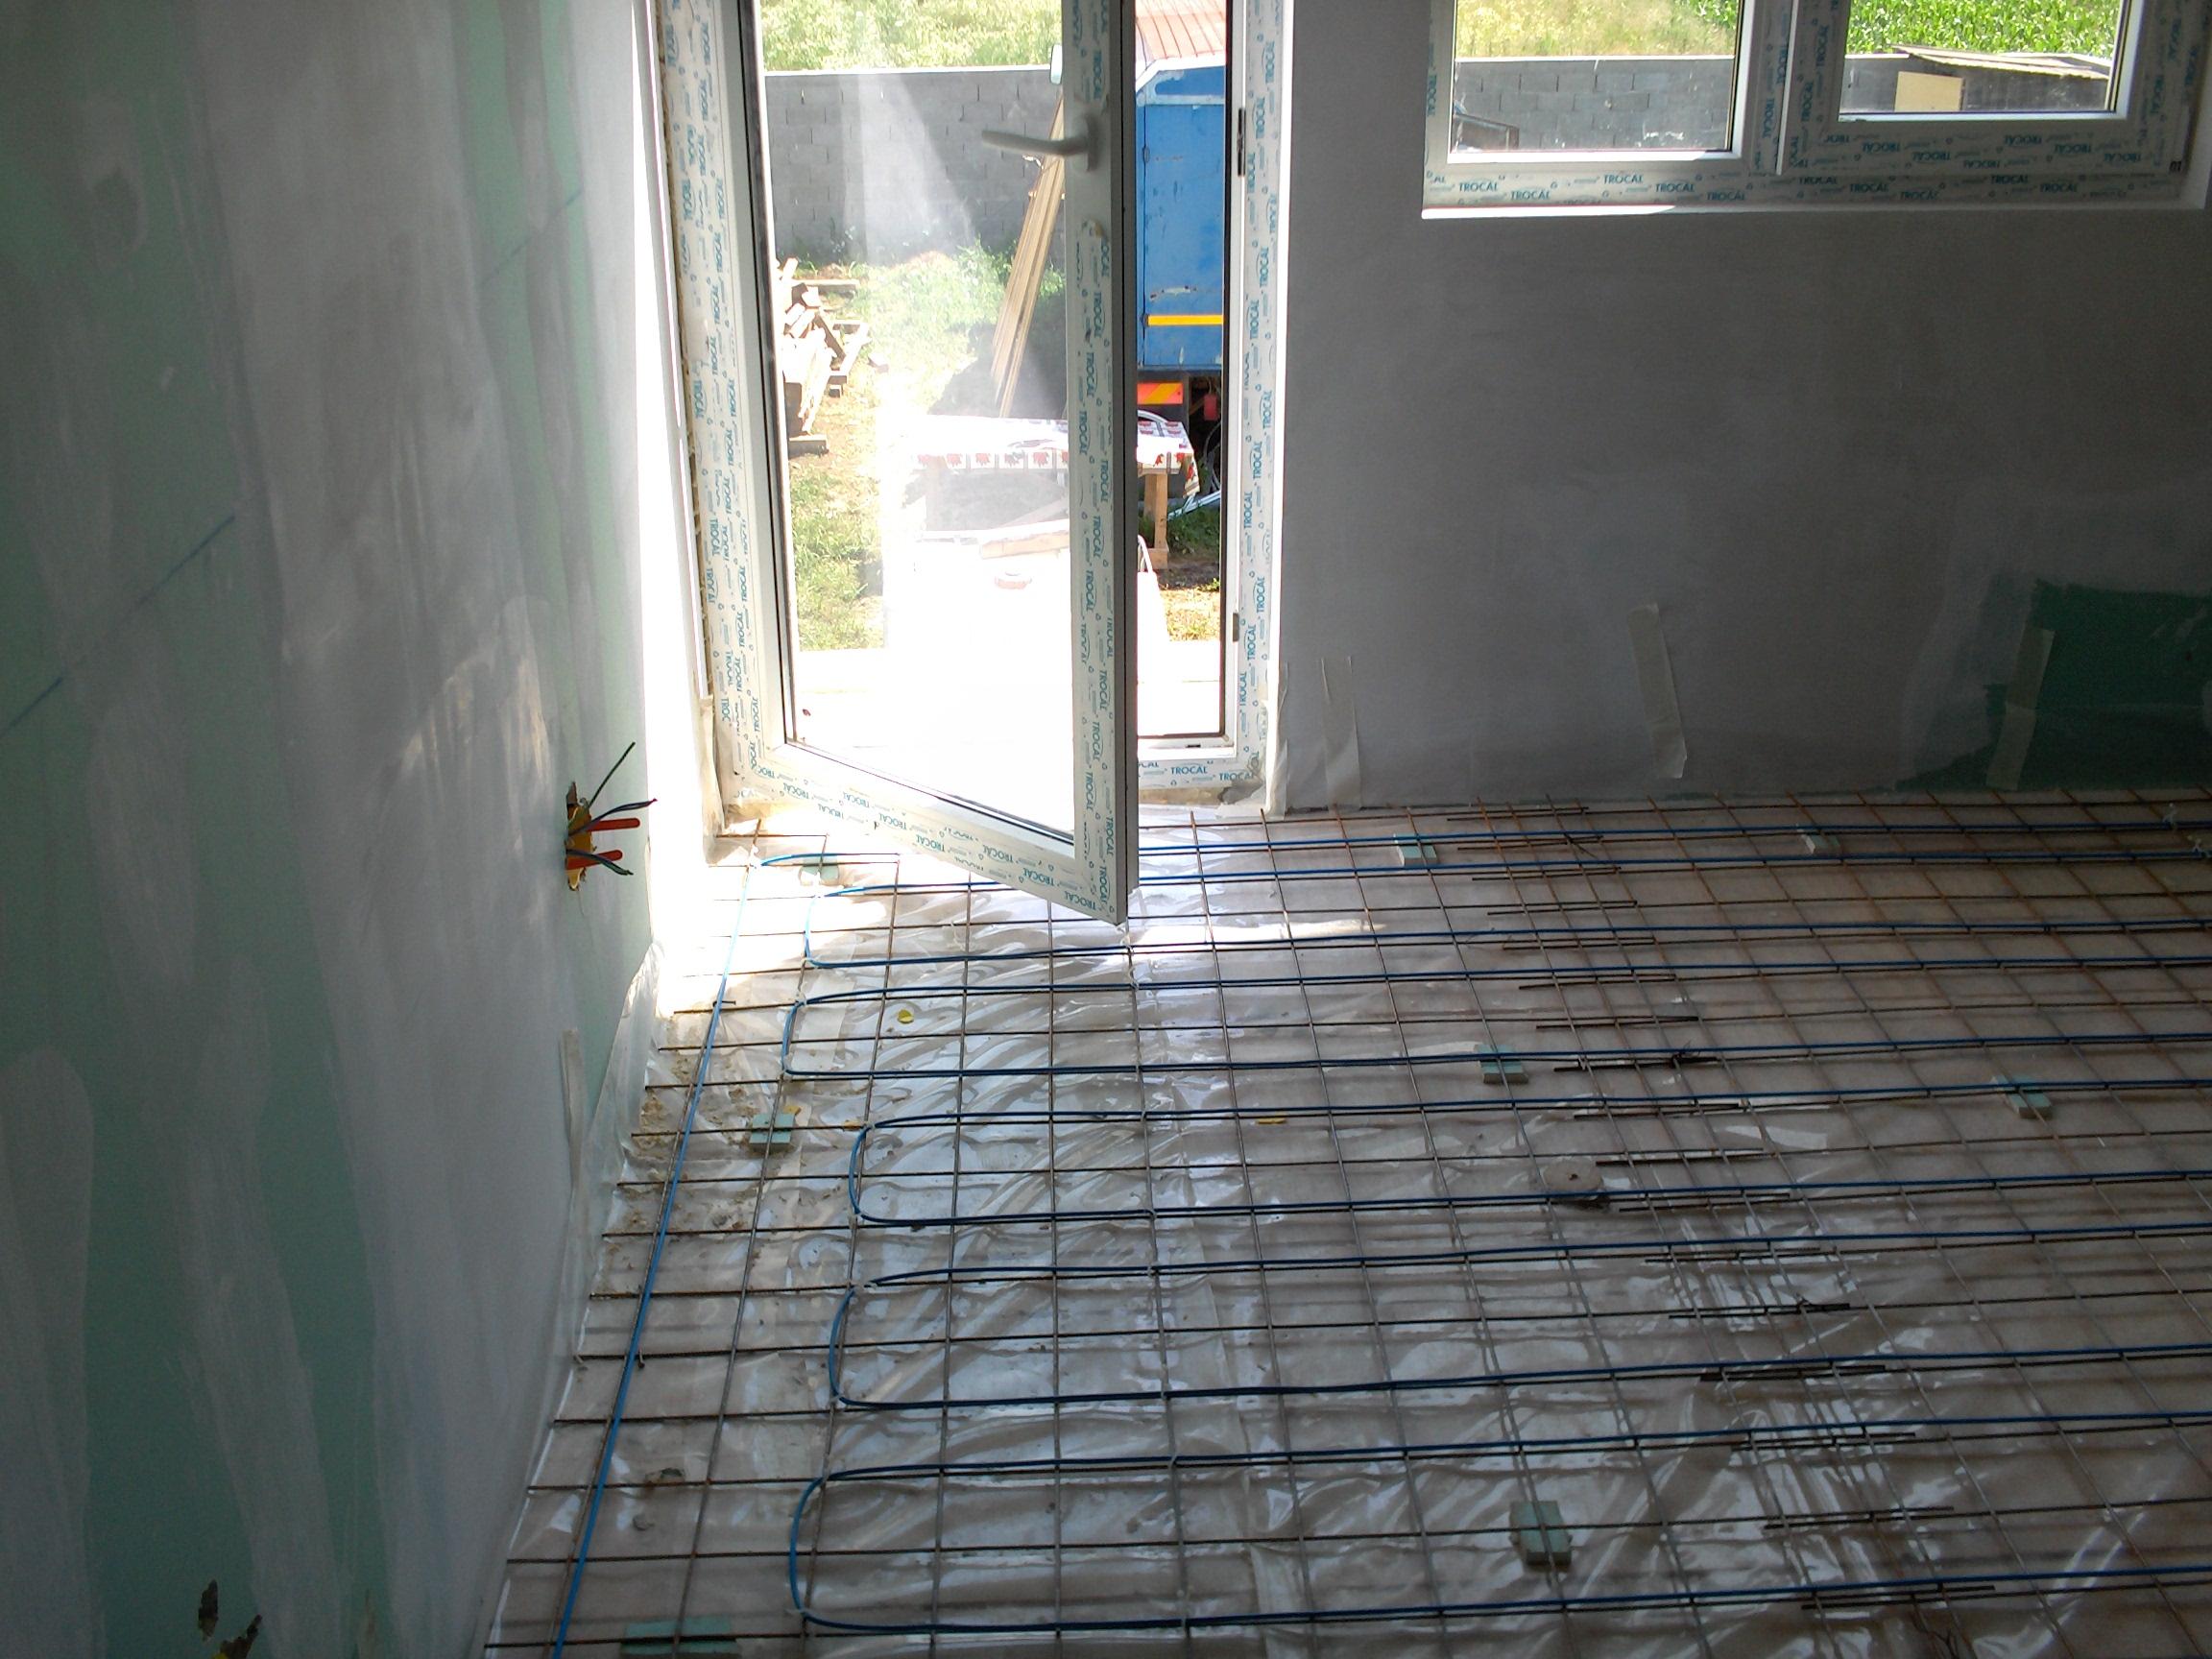 Sistem de incalzire electrica prin pardoseala RAYCHEM - Poza 27